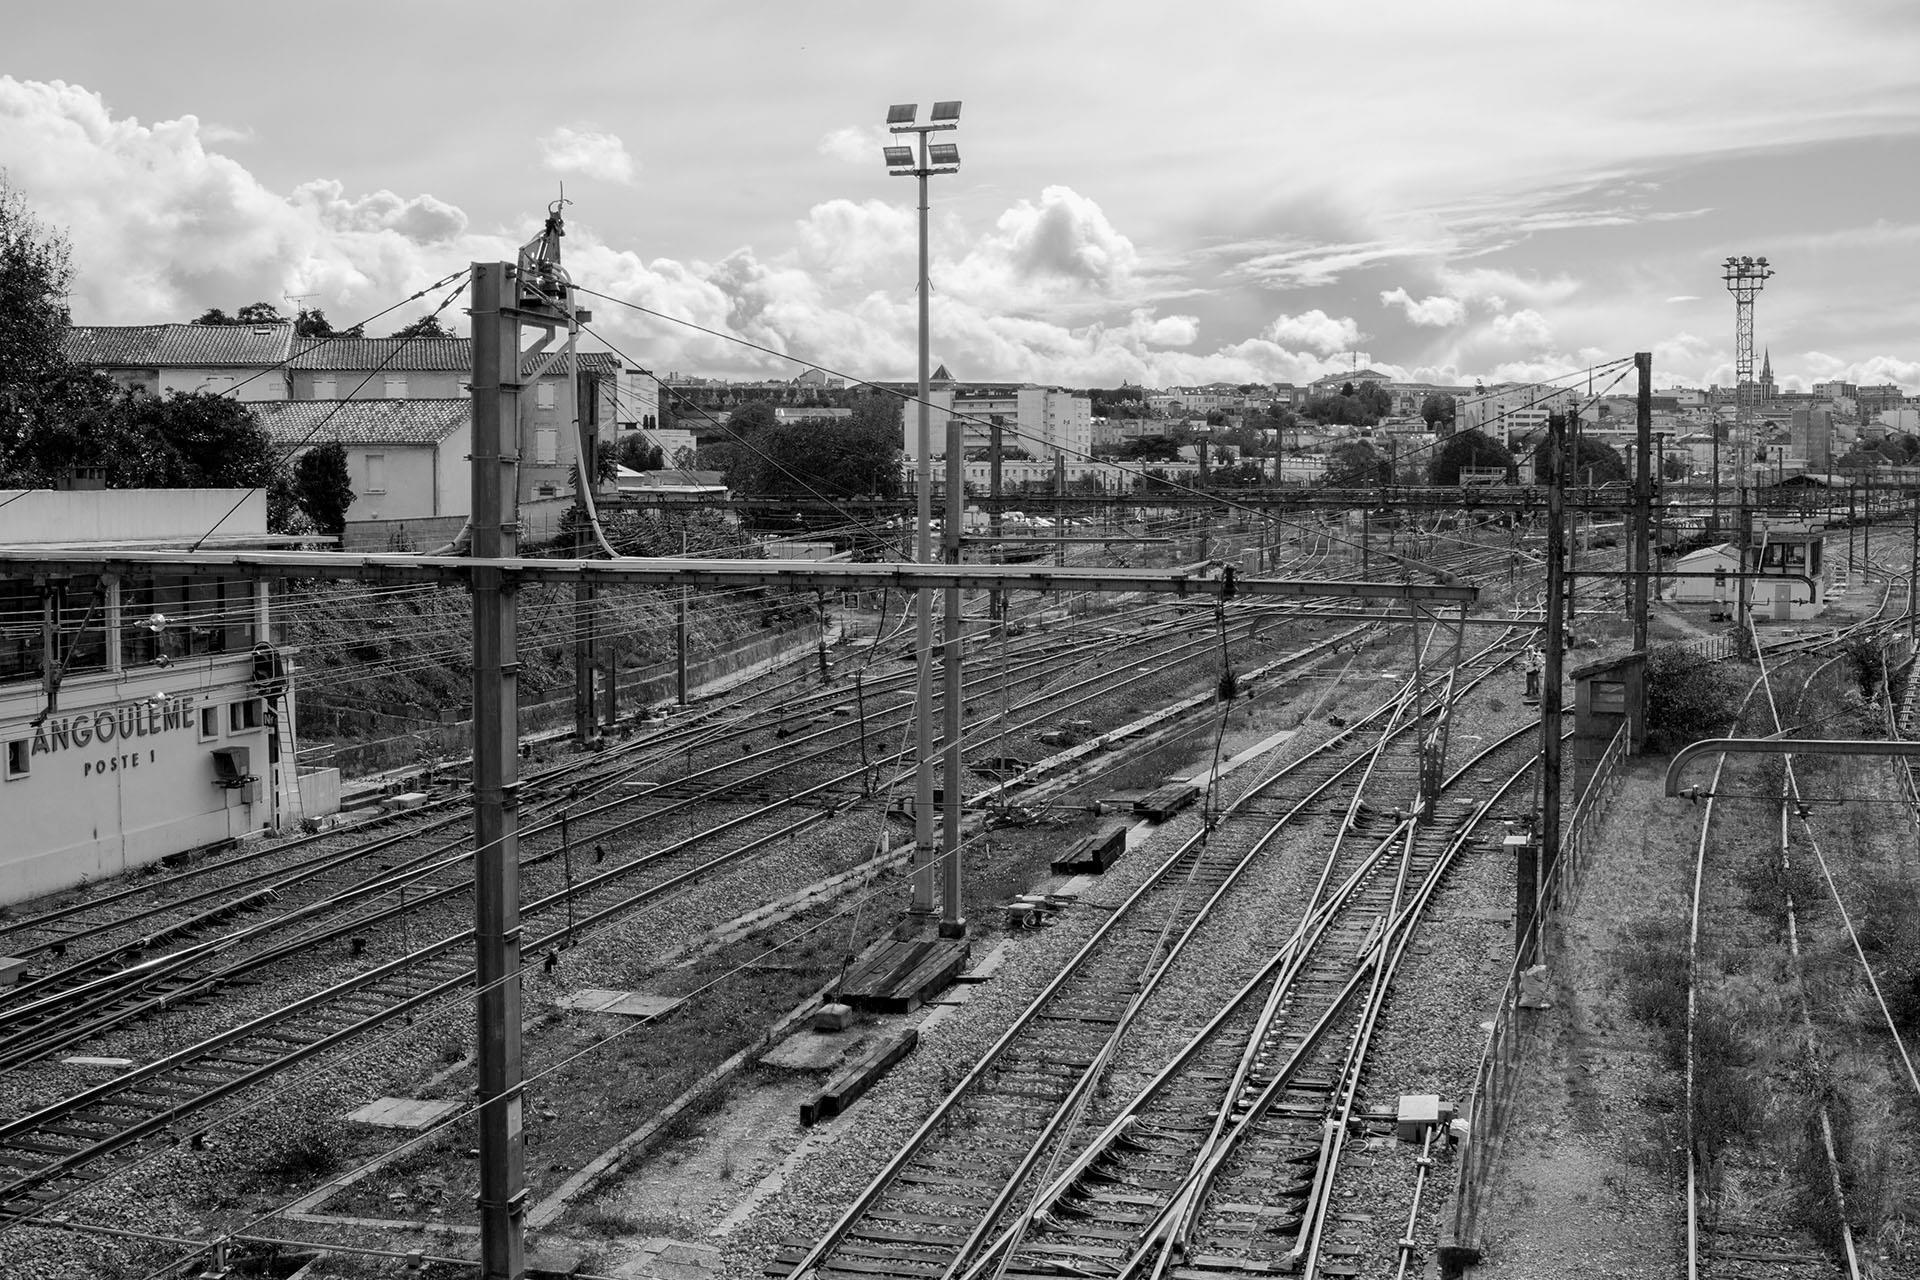 Gare d'Angoulême, Pierre Emmanuel Dufermont, Atelier Focale 16, exposition photo à l'incontournable